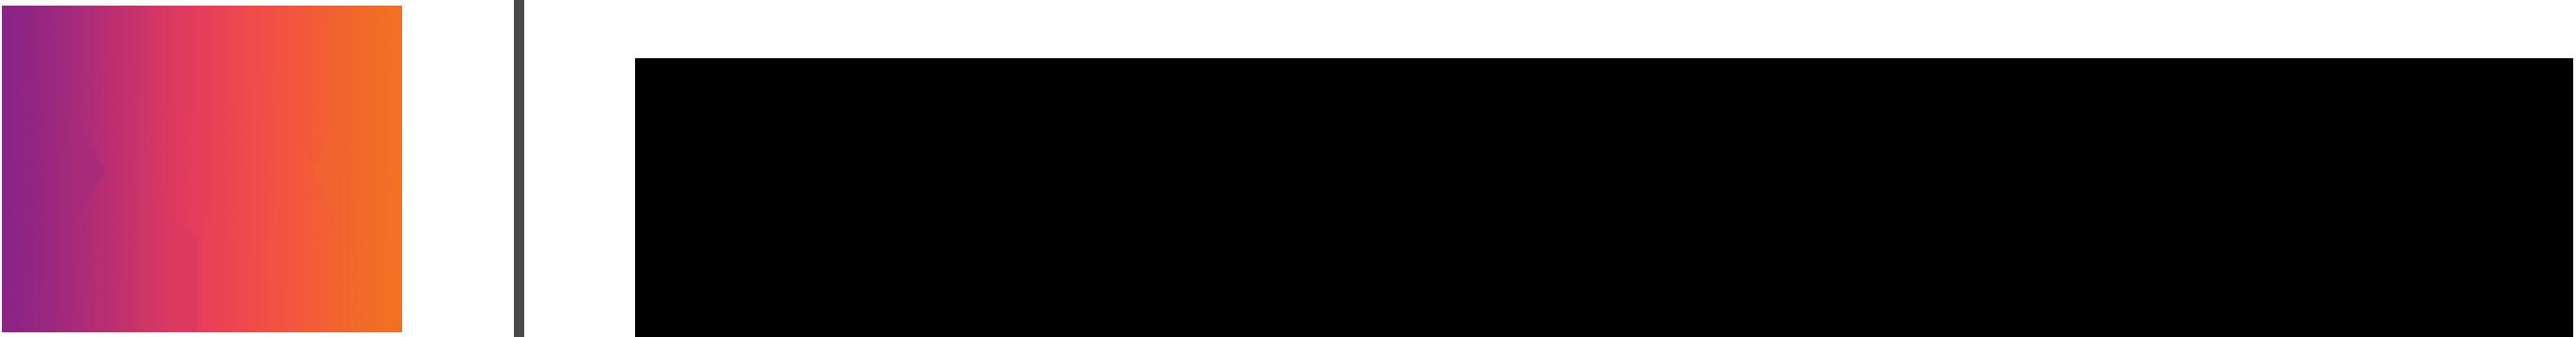 ASHR. Designs Logo